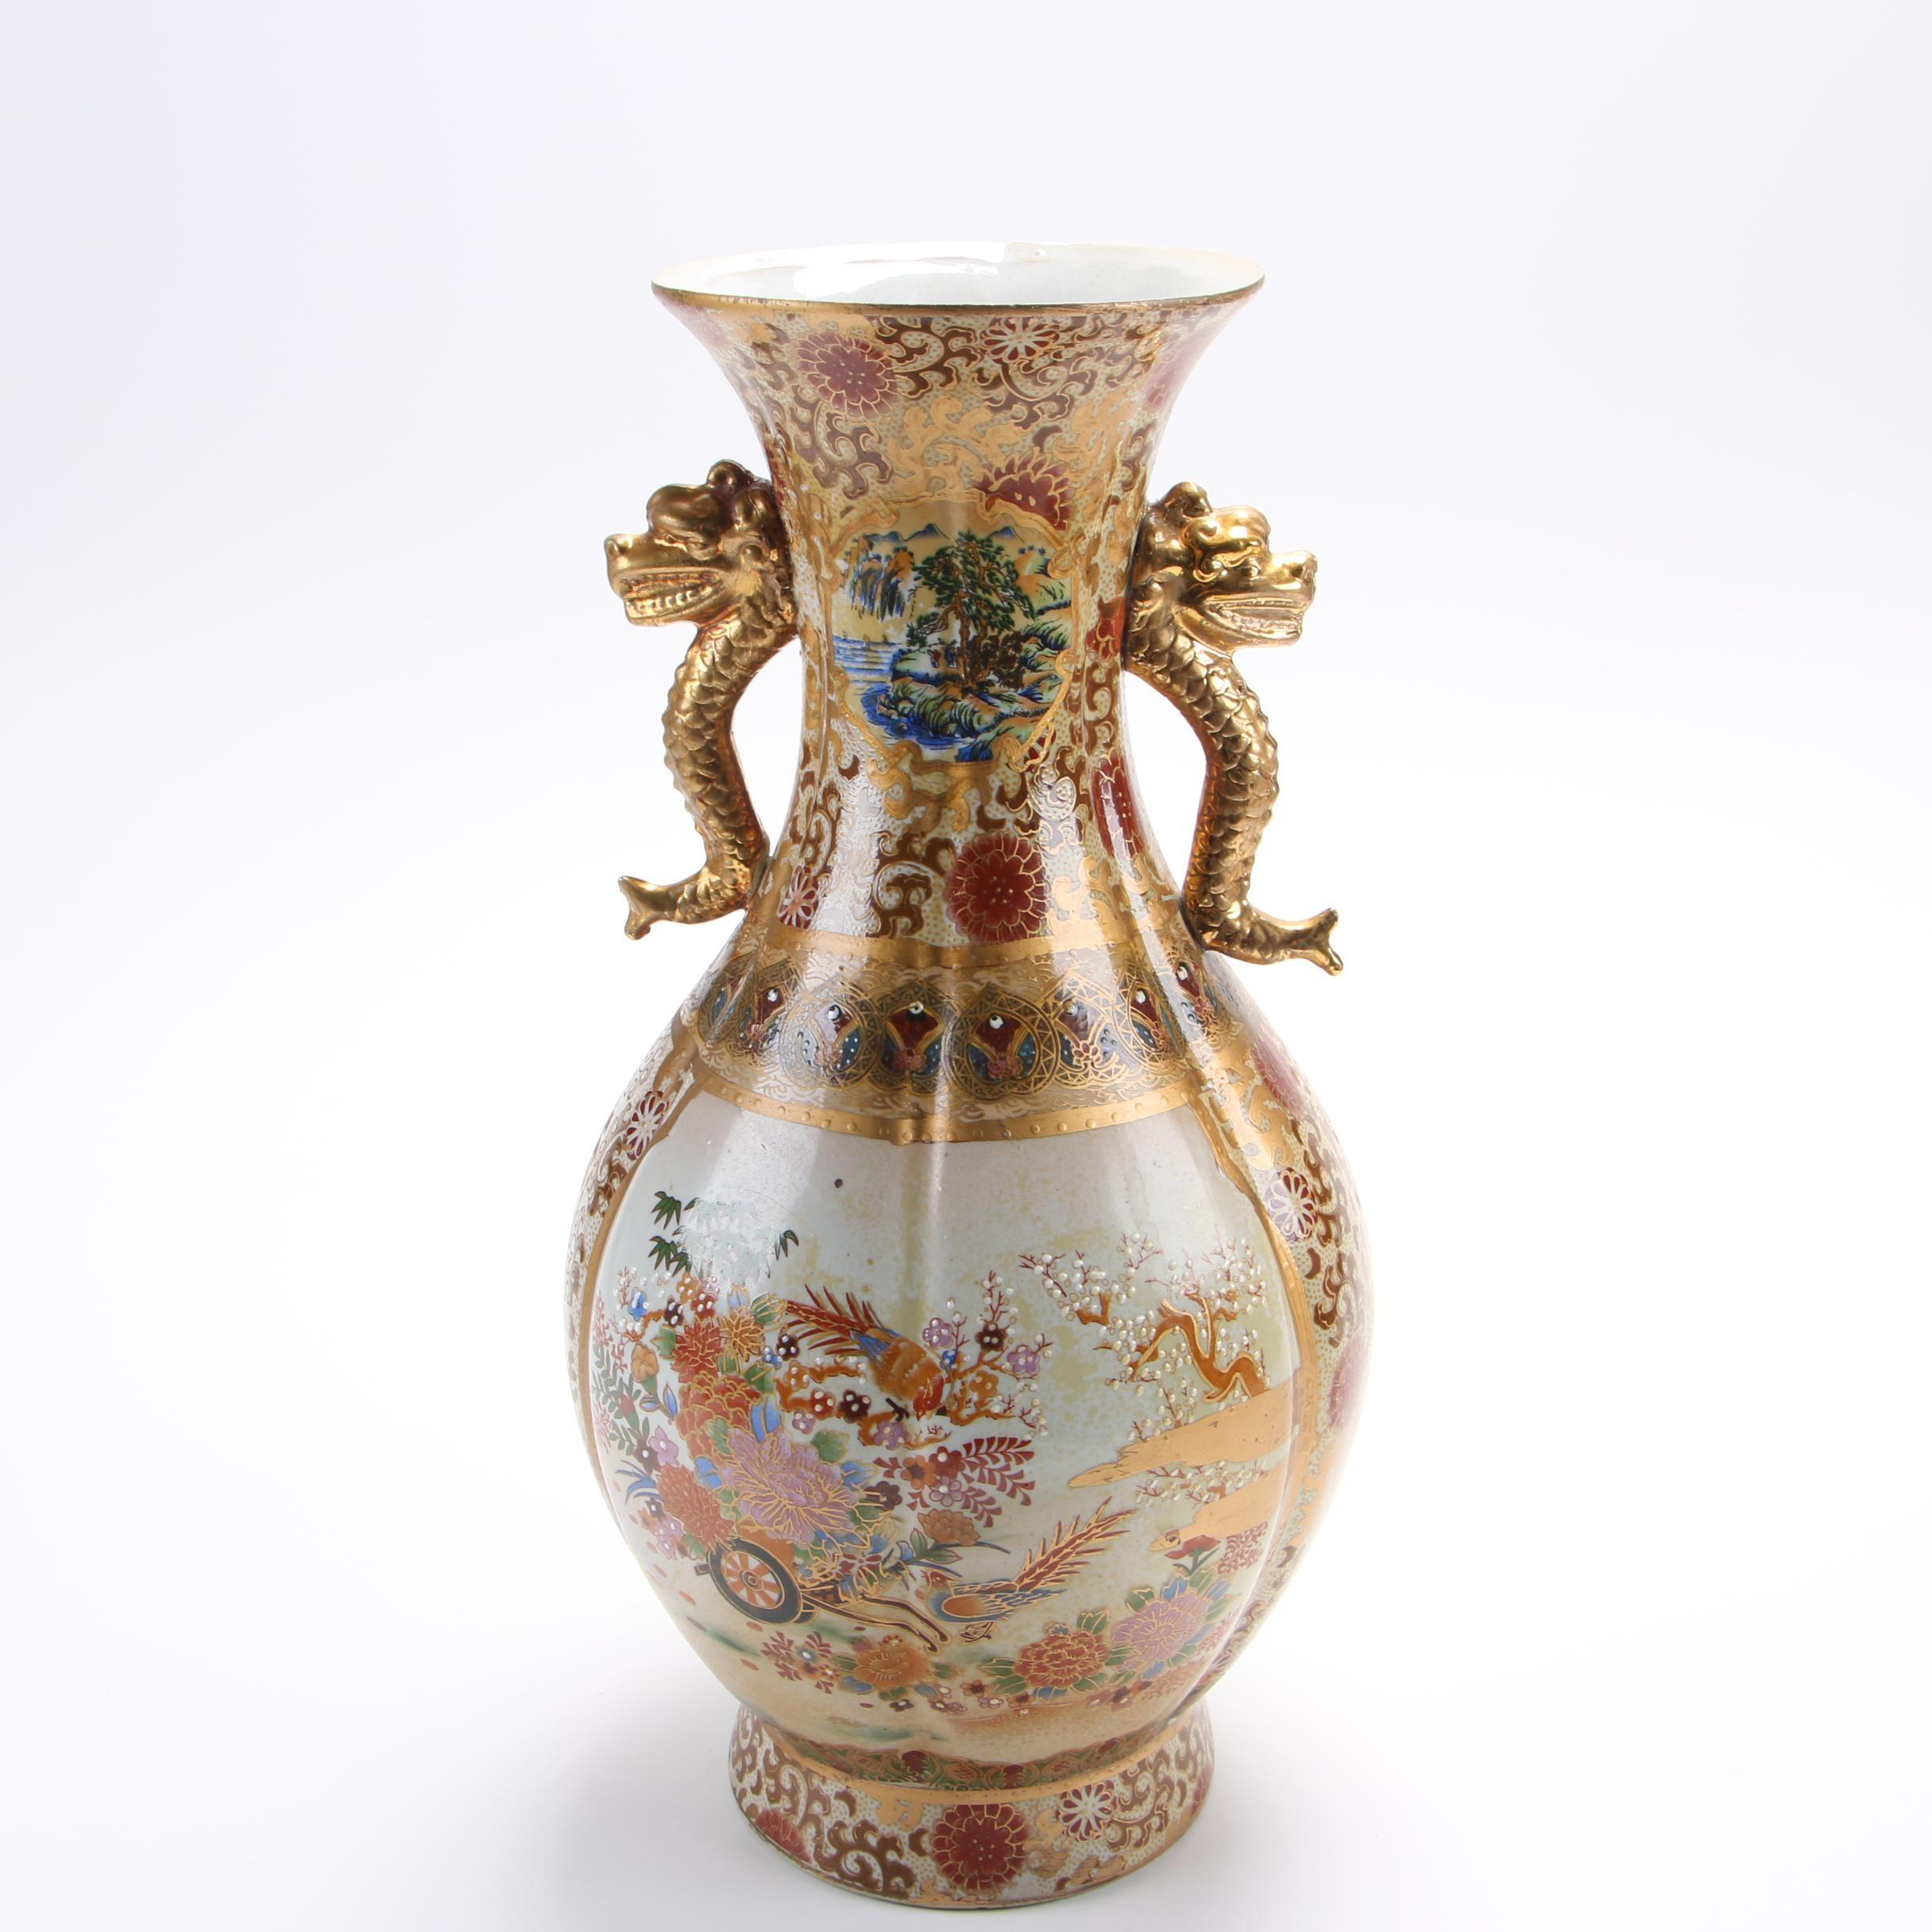 Chinese Satsuma Style Ceramic Vase with Moriage Detailing